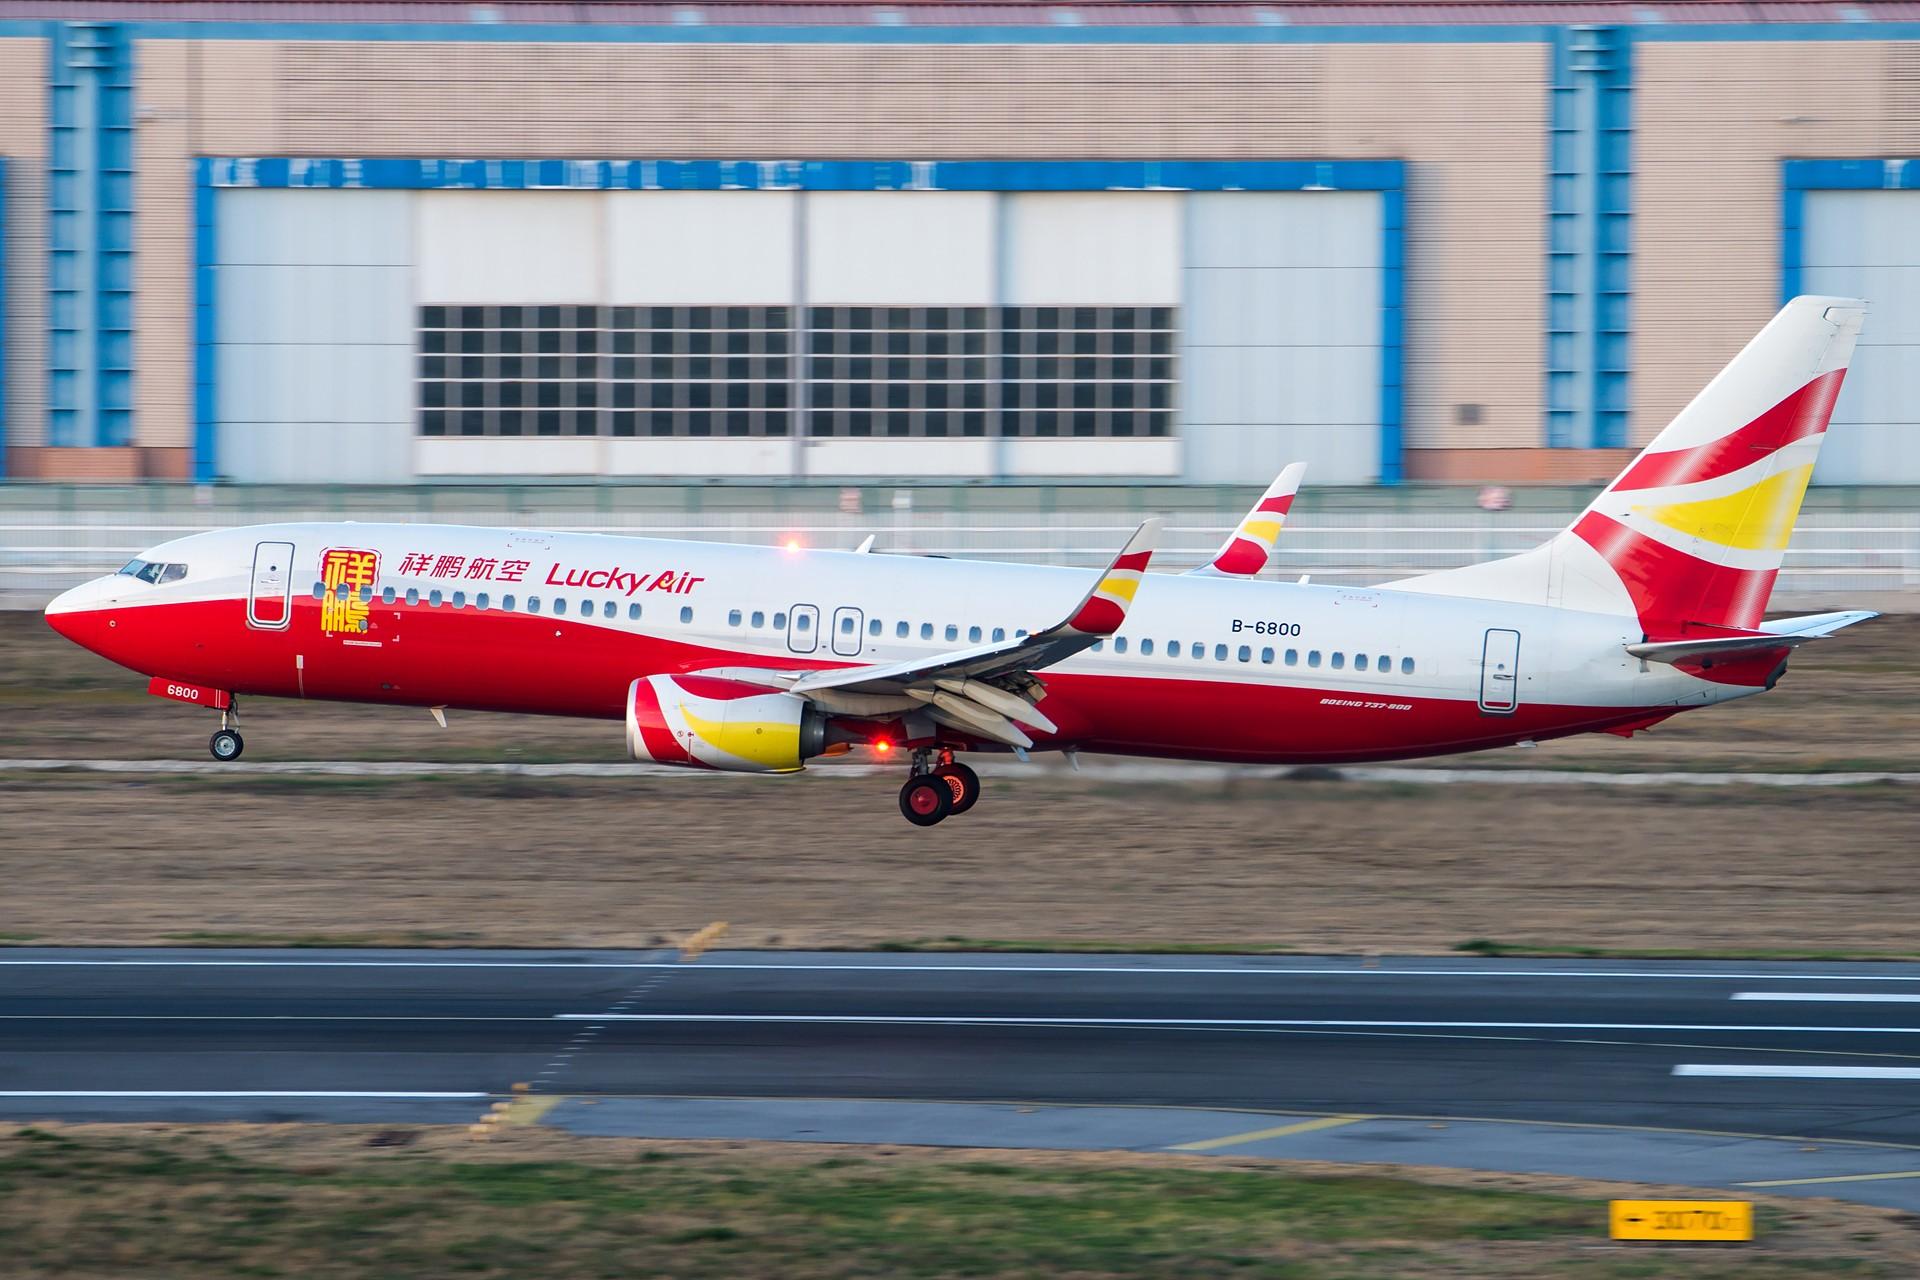 [原创][一图党]祥鹏航空 B-6800 B737-8MB(WL) 1920*1280 BOEING 737-800 B-6800 中国大连国际机场